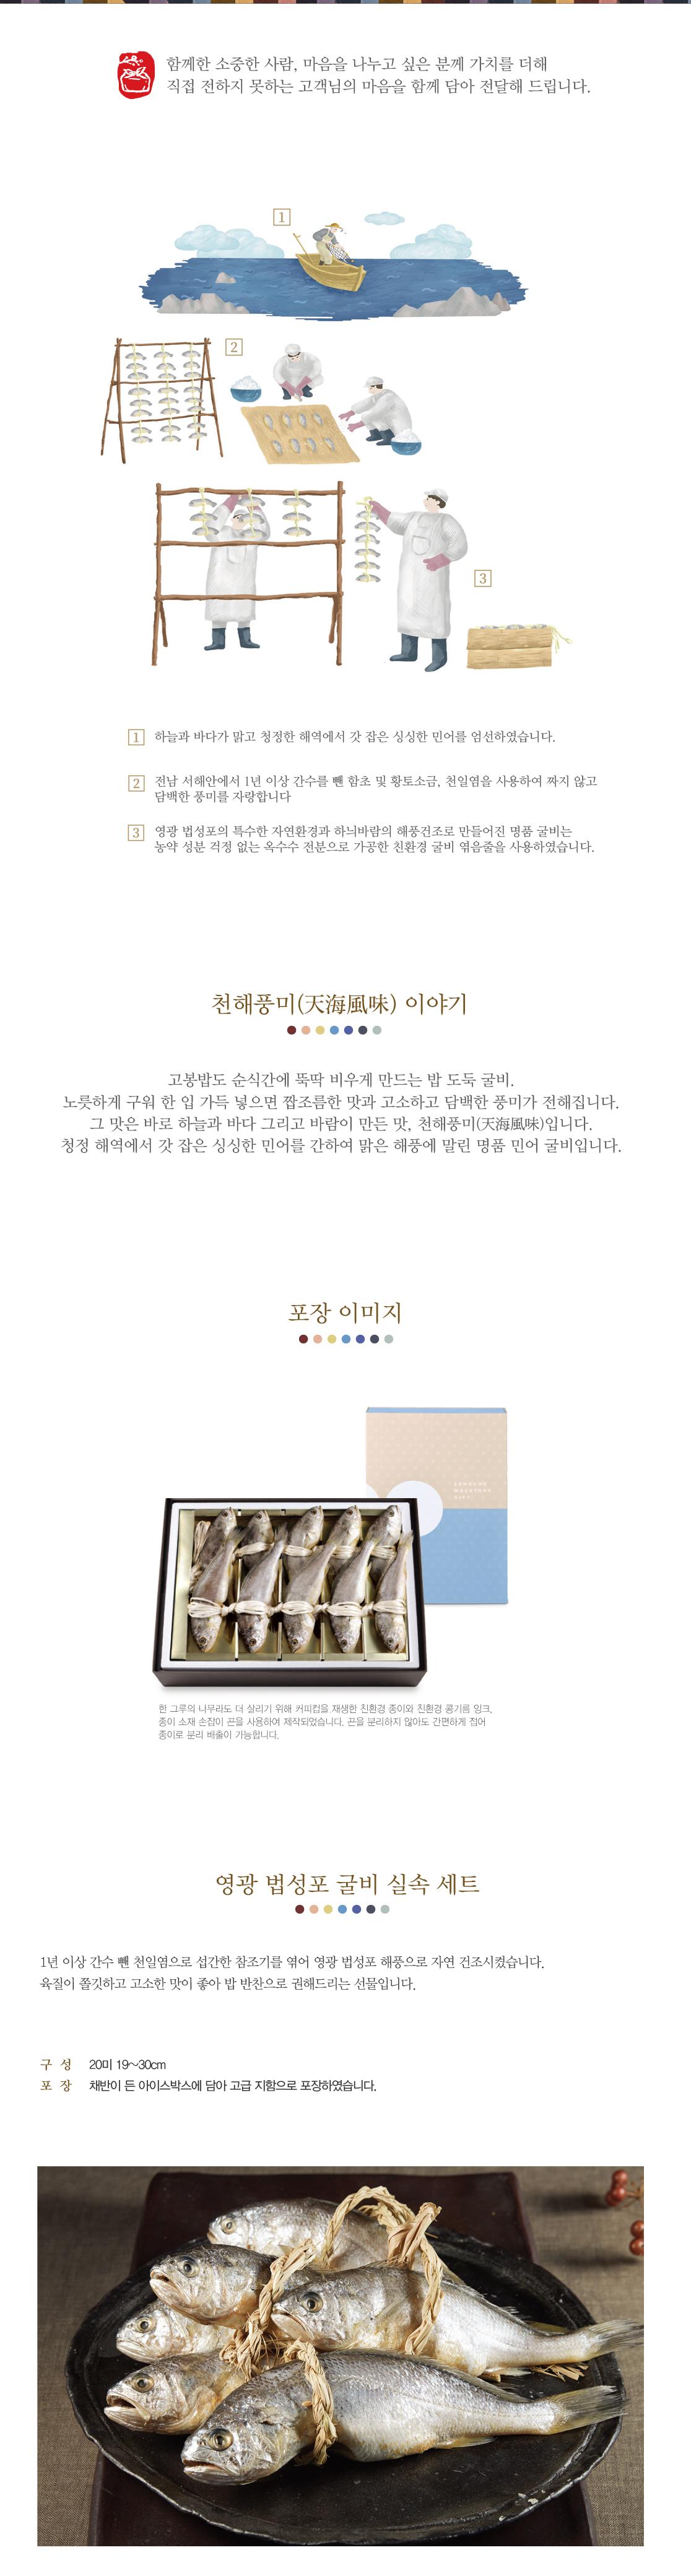 영광법성포굴비실속세트 20미 20미 19~30cm